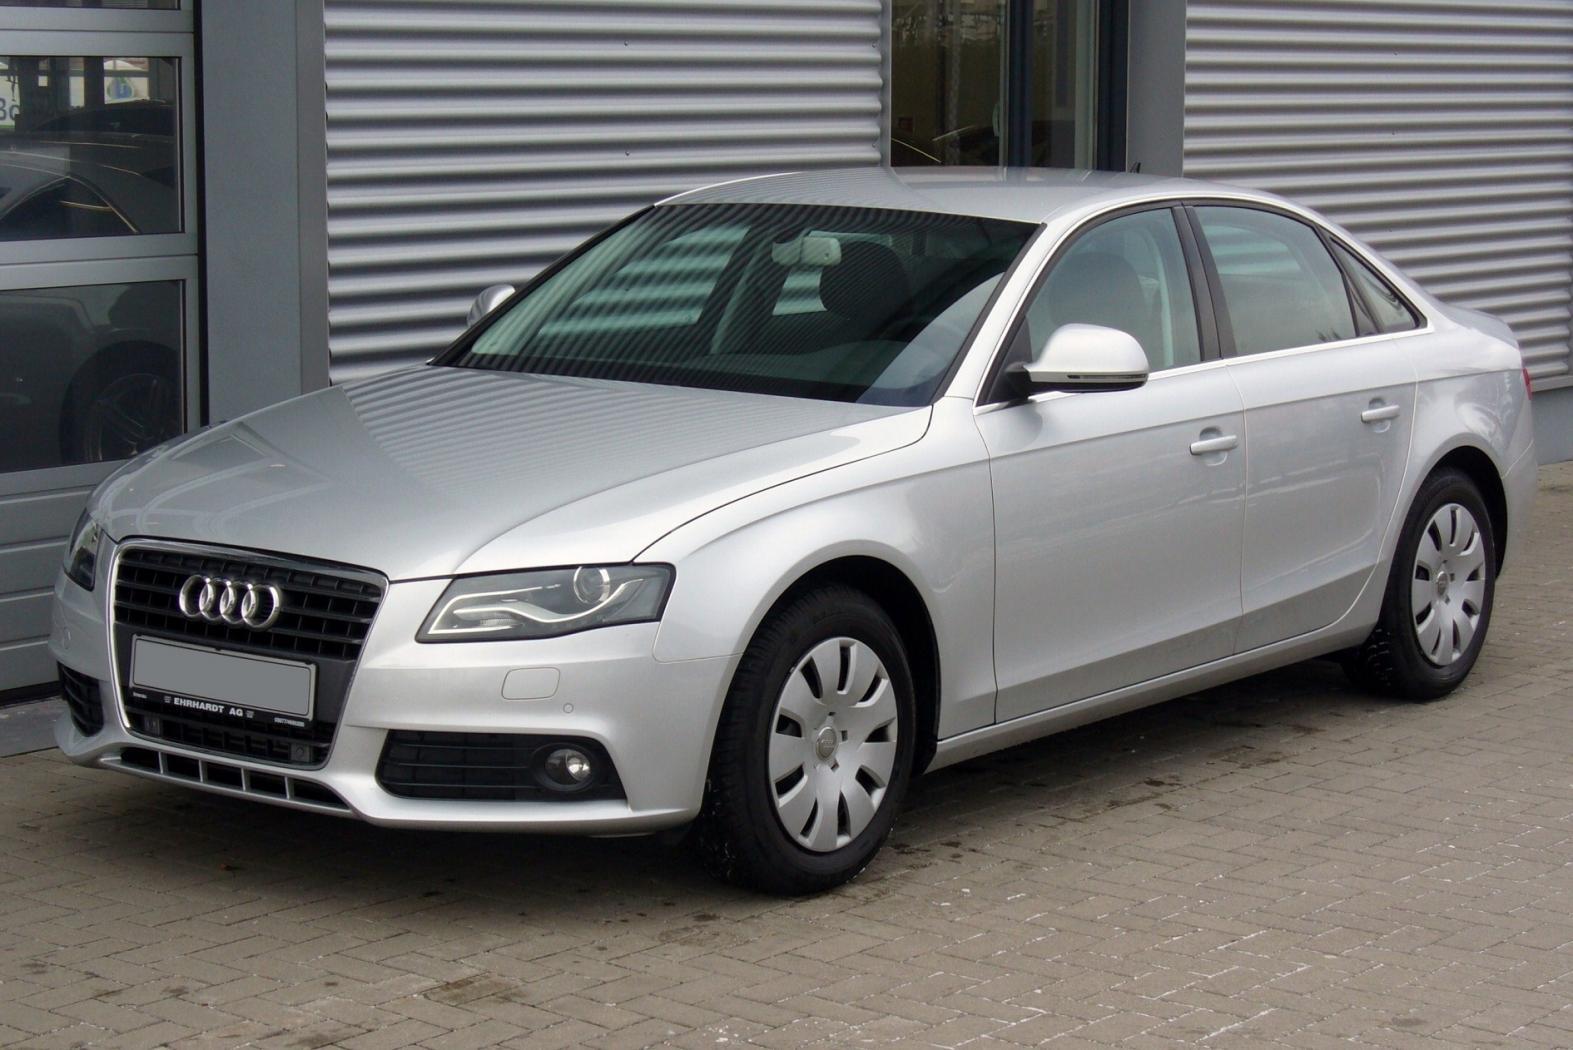 tuto-remplacement-courroie-de-distribution-sur-Audi-A4-B8-1.jpeg